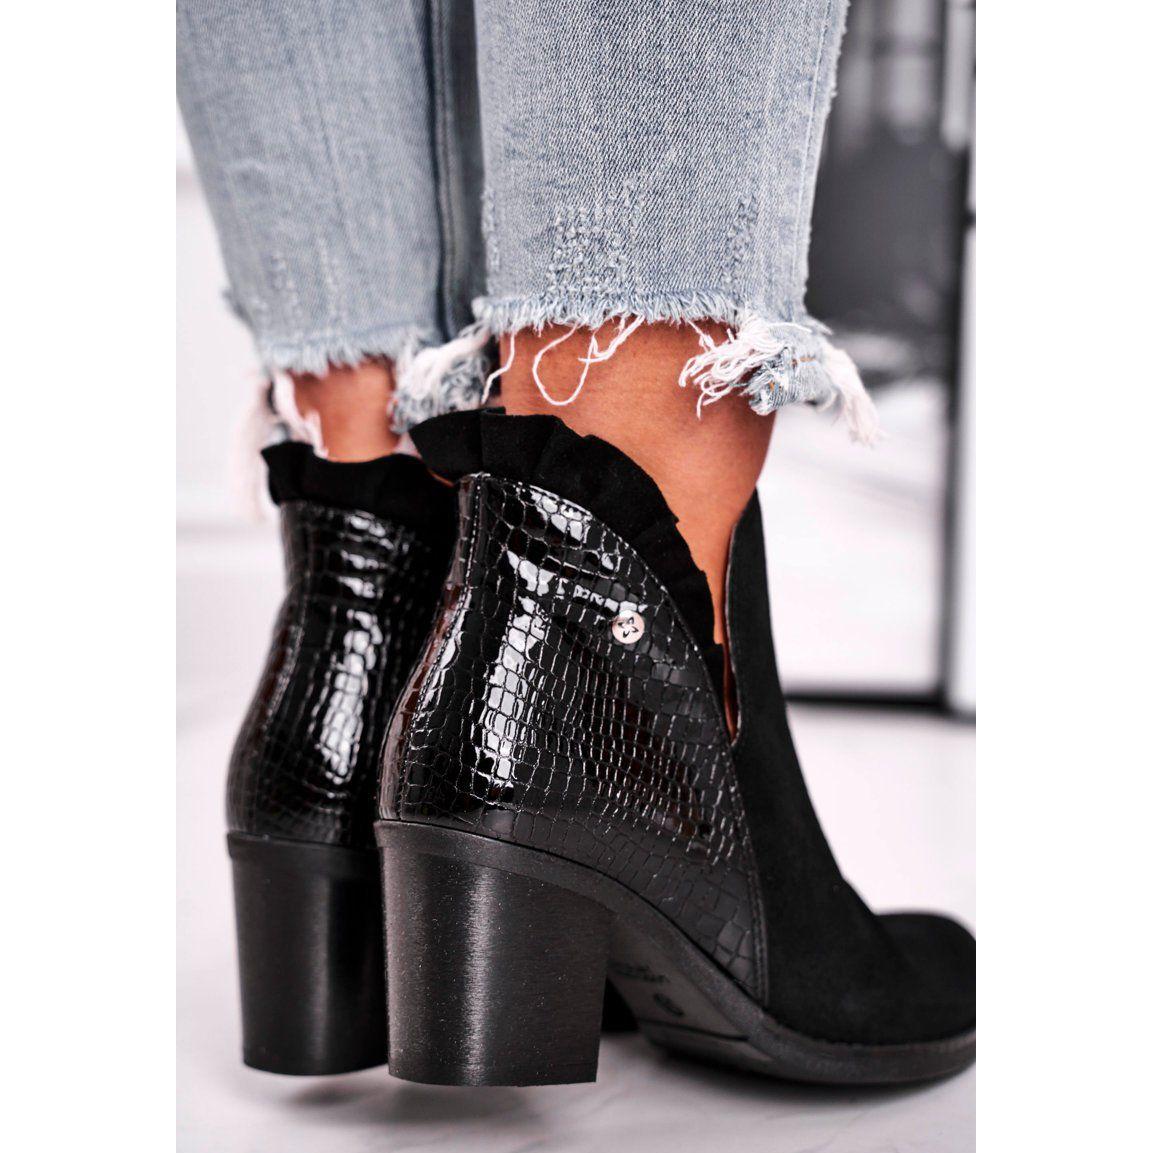 Botki Damskie Na Slupku Skorzane Wiosenne Maciejka Czarne 04833 01 Ankle Boot Shoes Fashion